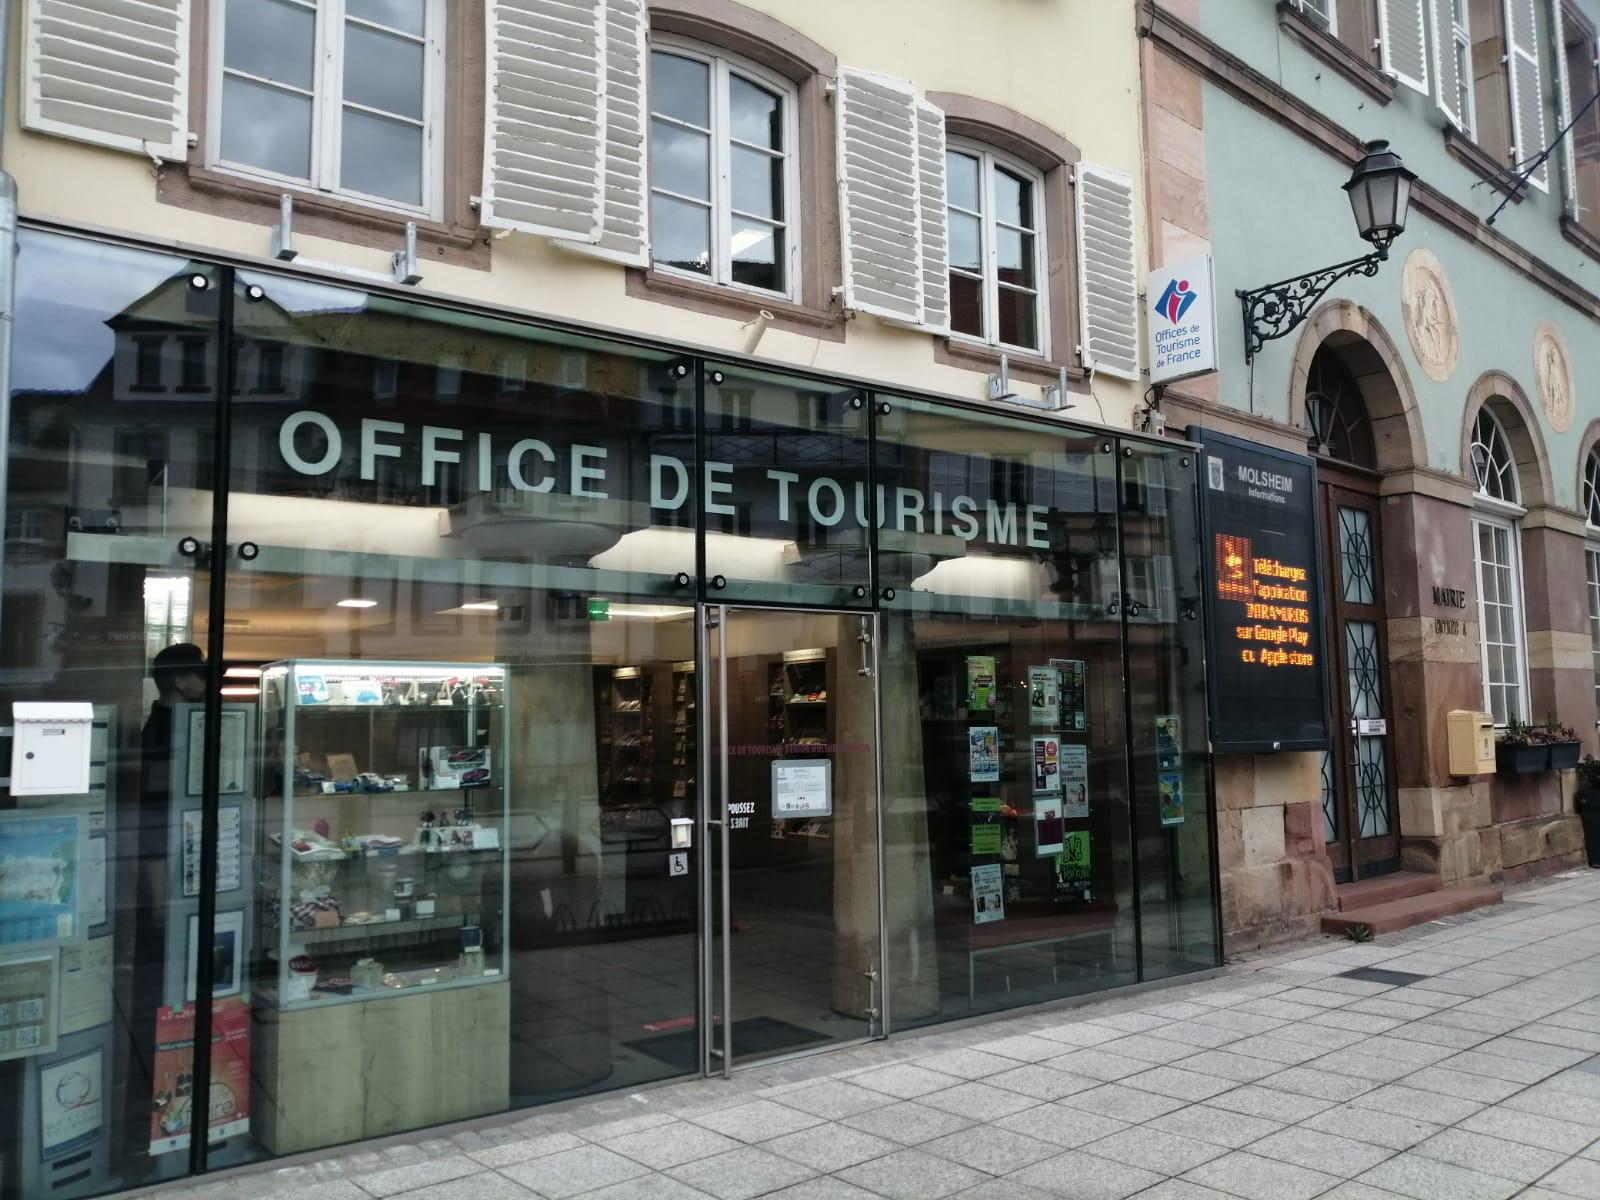 Office de tourisme r gion de molsheim mutzig - Office de tourisme alsace ...